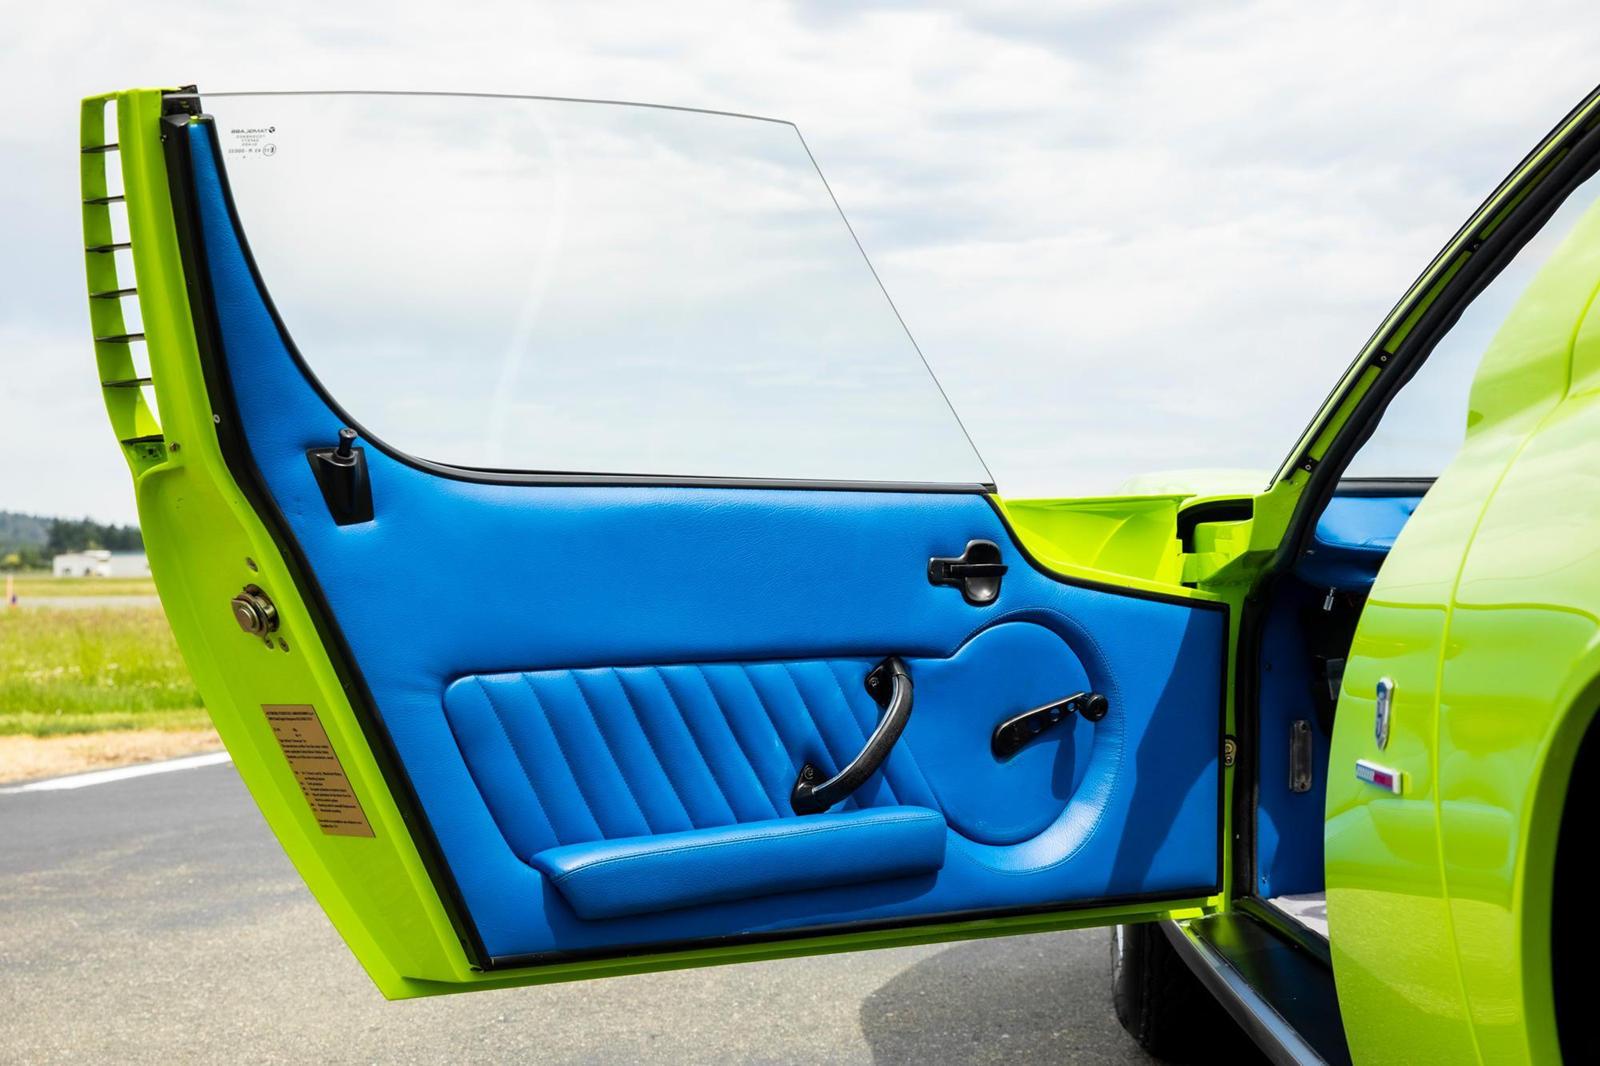 Новаторский Lamborghini Miura - с его среднемоторной конфигурацией и ярким стилем - известен тем, что он приносит мега суммы всякий раз, когда кто-то выставляет его на продажу. В конце концов, было построено менее 800 автомобилей, а производство прек